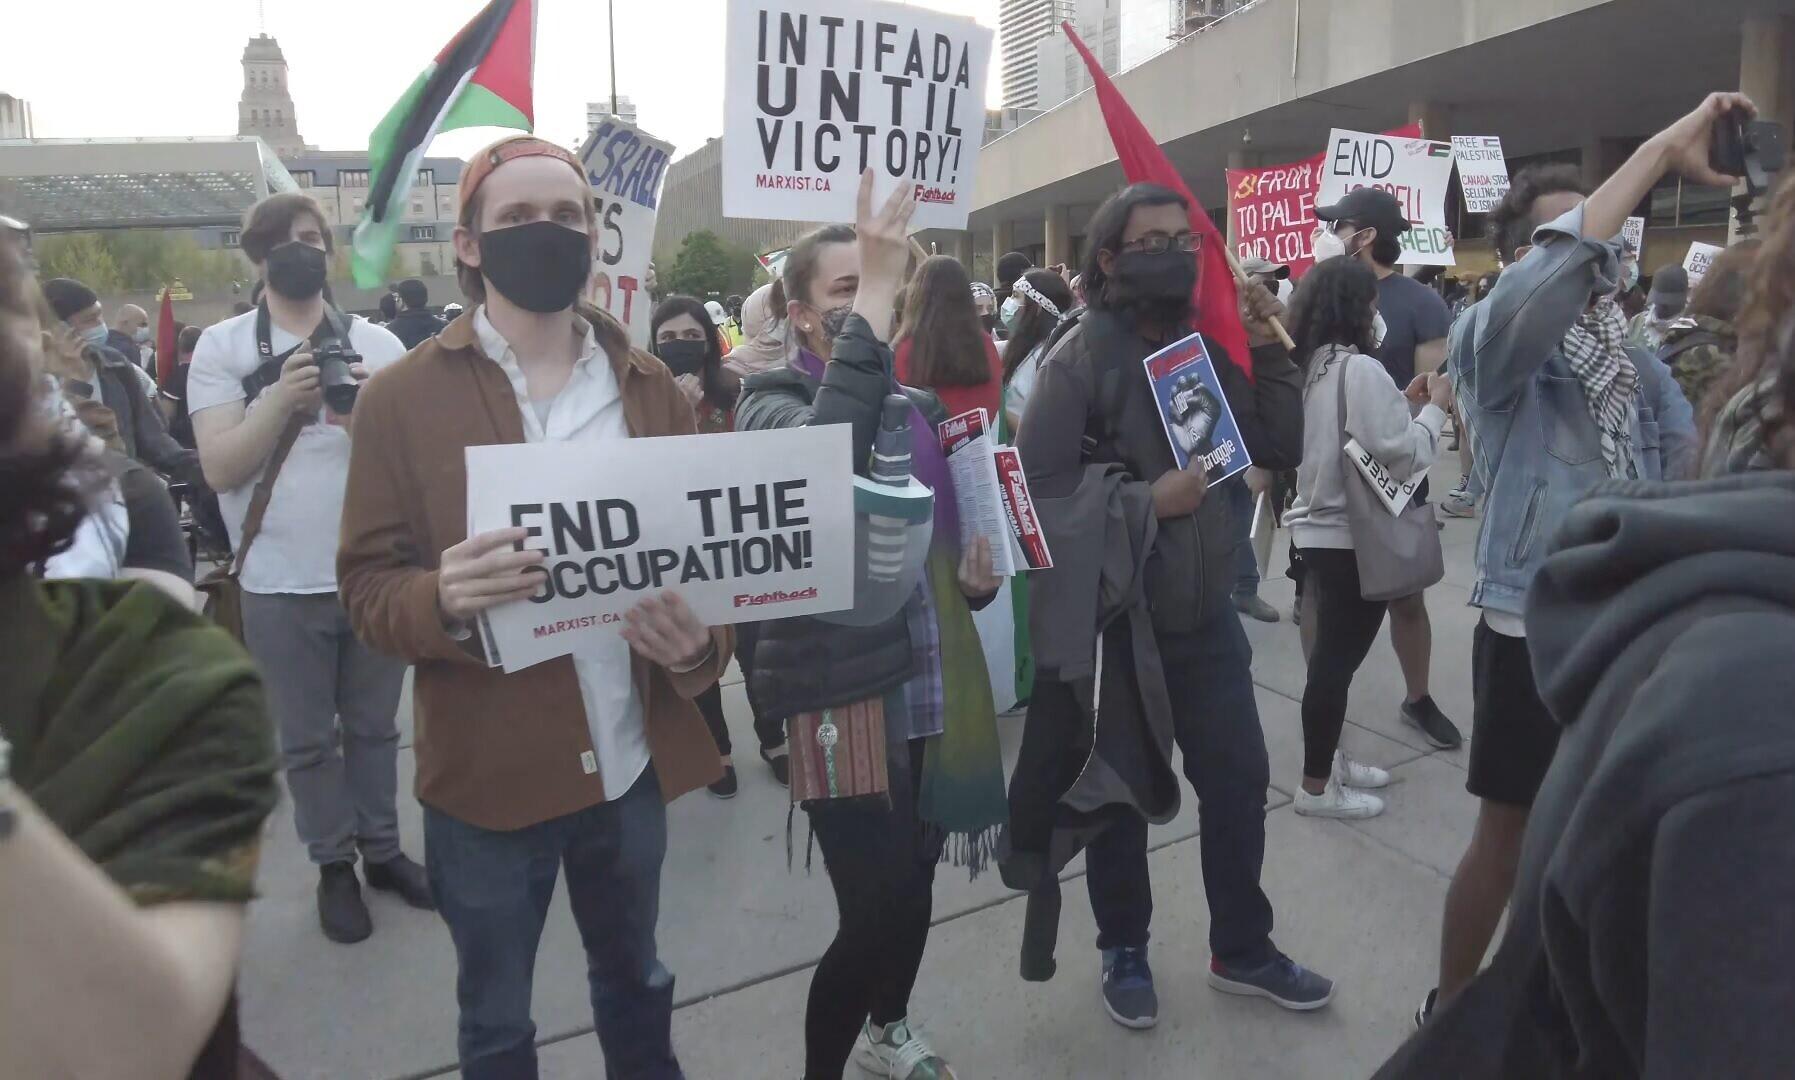 """Une femme tient une pancarte sur laquelle on peut lire """"Intifada jusqu'à la victoire"""" lors d'un rassemblement pro-palestinien organisé pendant l'opération israélienne """"Gardiens des murs"""", au square Nathan Phillips, dans le centre-ville de Toronto, le 15 mai 2021. (Crédit : capture d'écran YouTube)"""